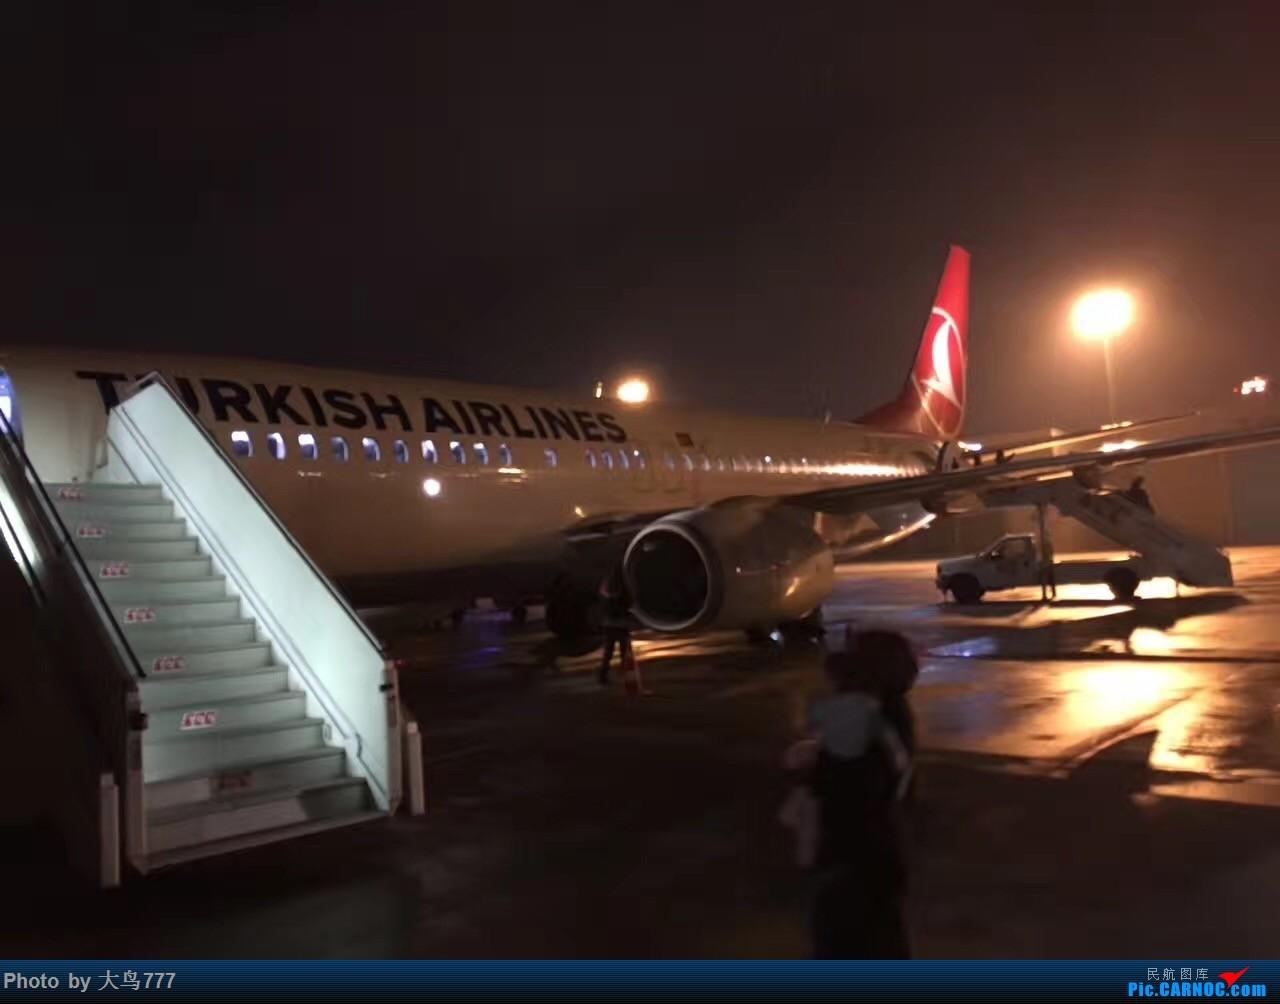 Re:[原创]再次感受欧洲最佳——土耳其航空(回程被坑晚点4个多小时) BOEING 737-800   土耳其伊斯坦布尔阿塔图尔克机场